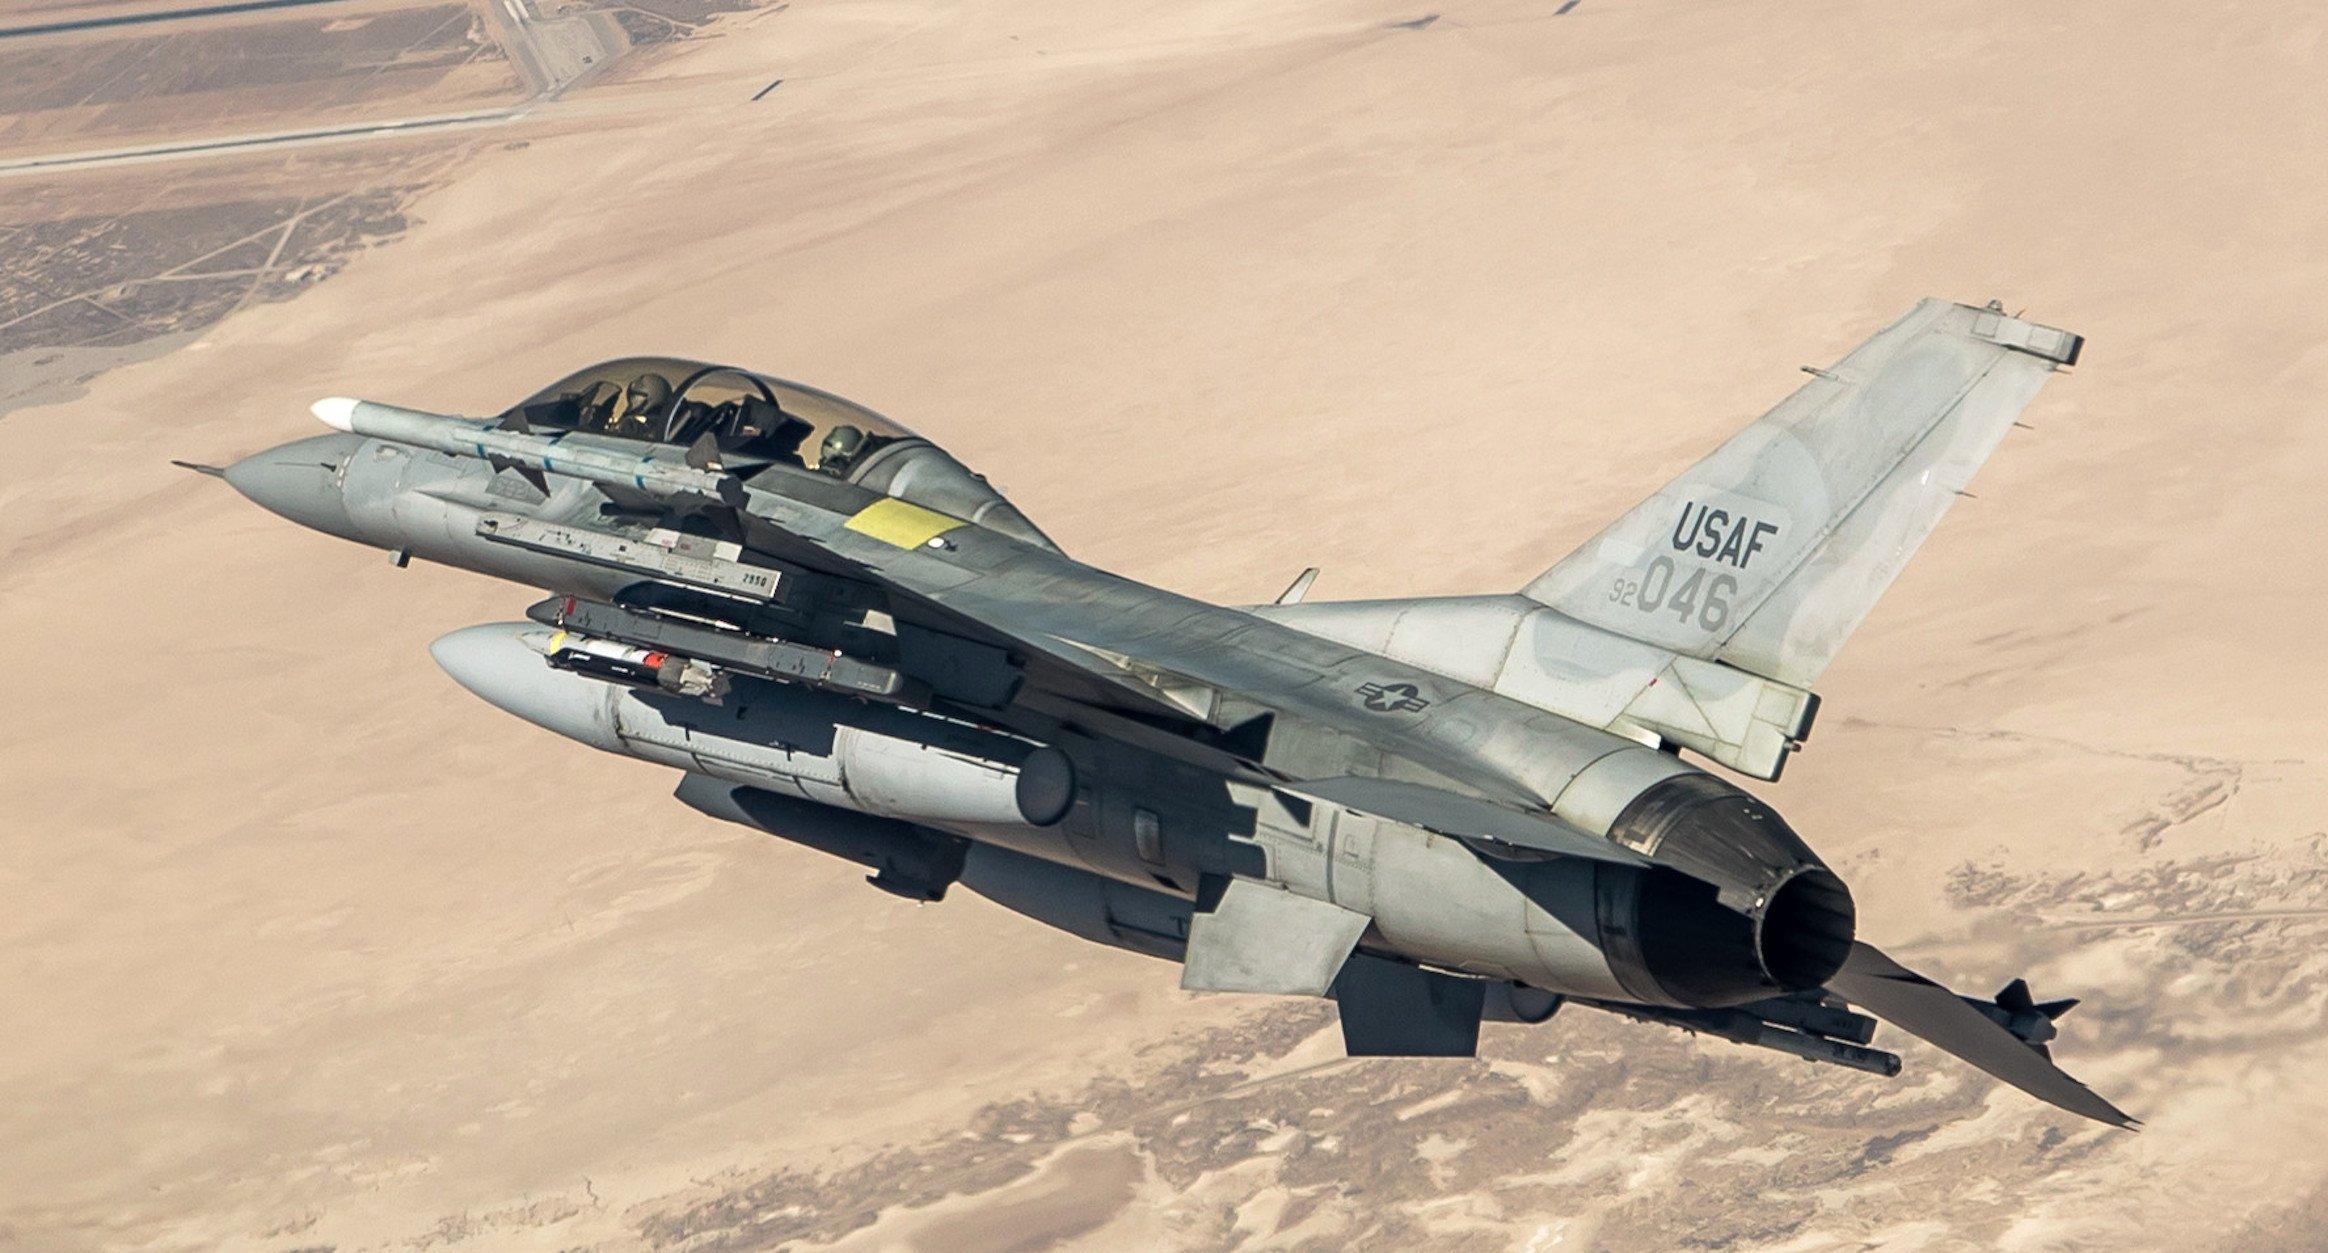 KF-16D [USAF/Ethan Wagner]